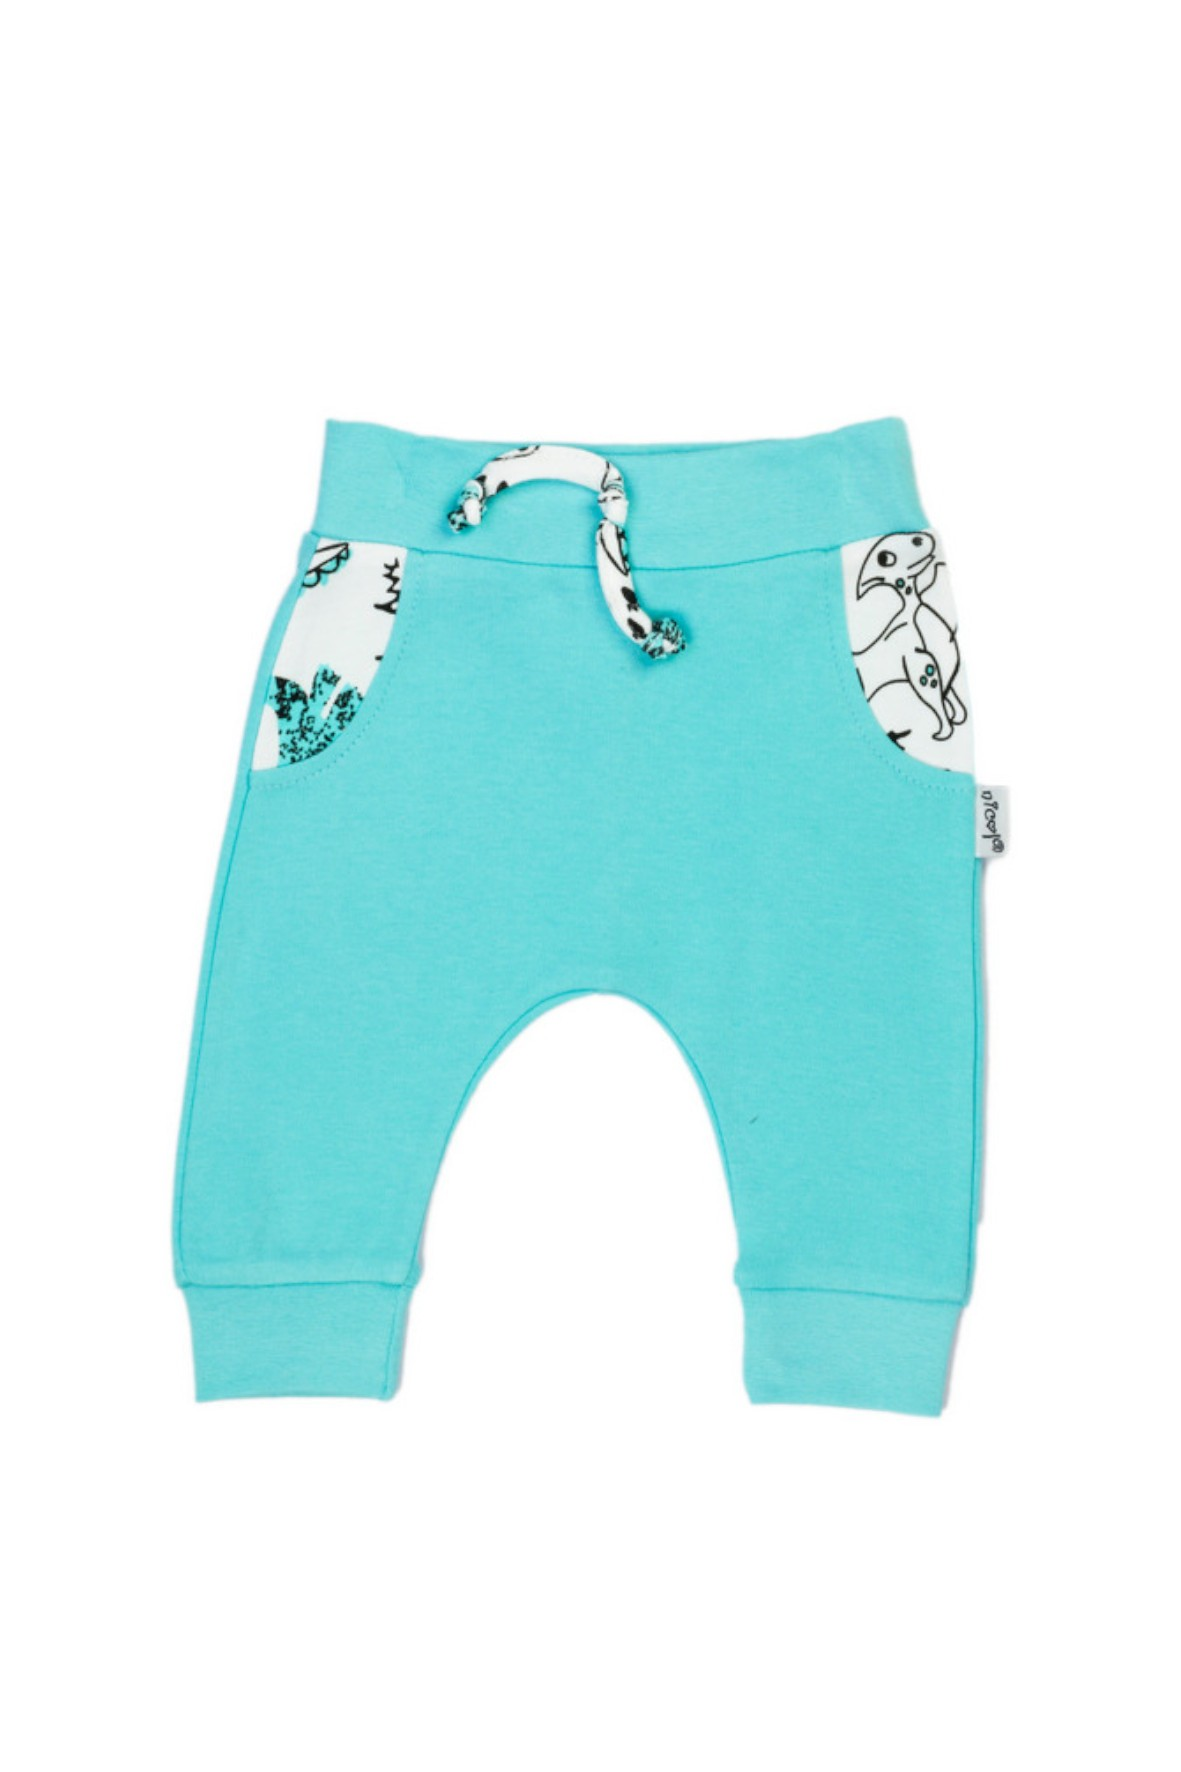 Niebieskie spodnie chłopięce z dinozaurami- dresy